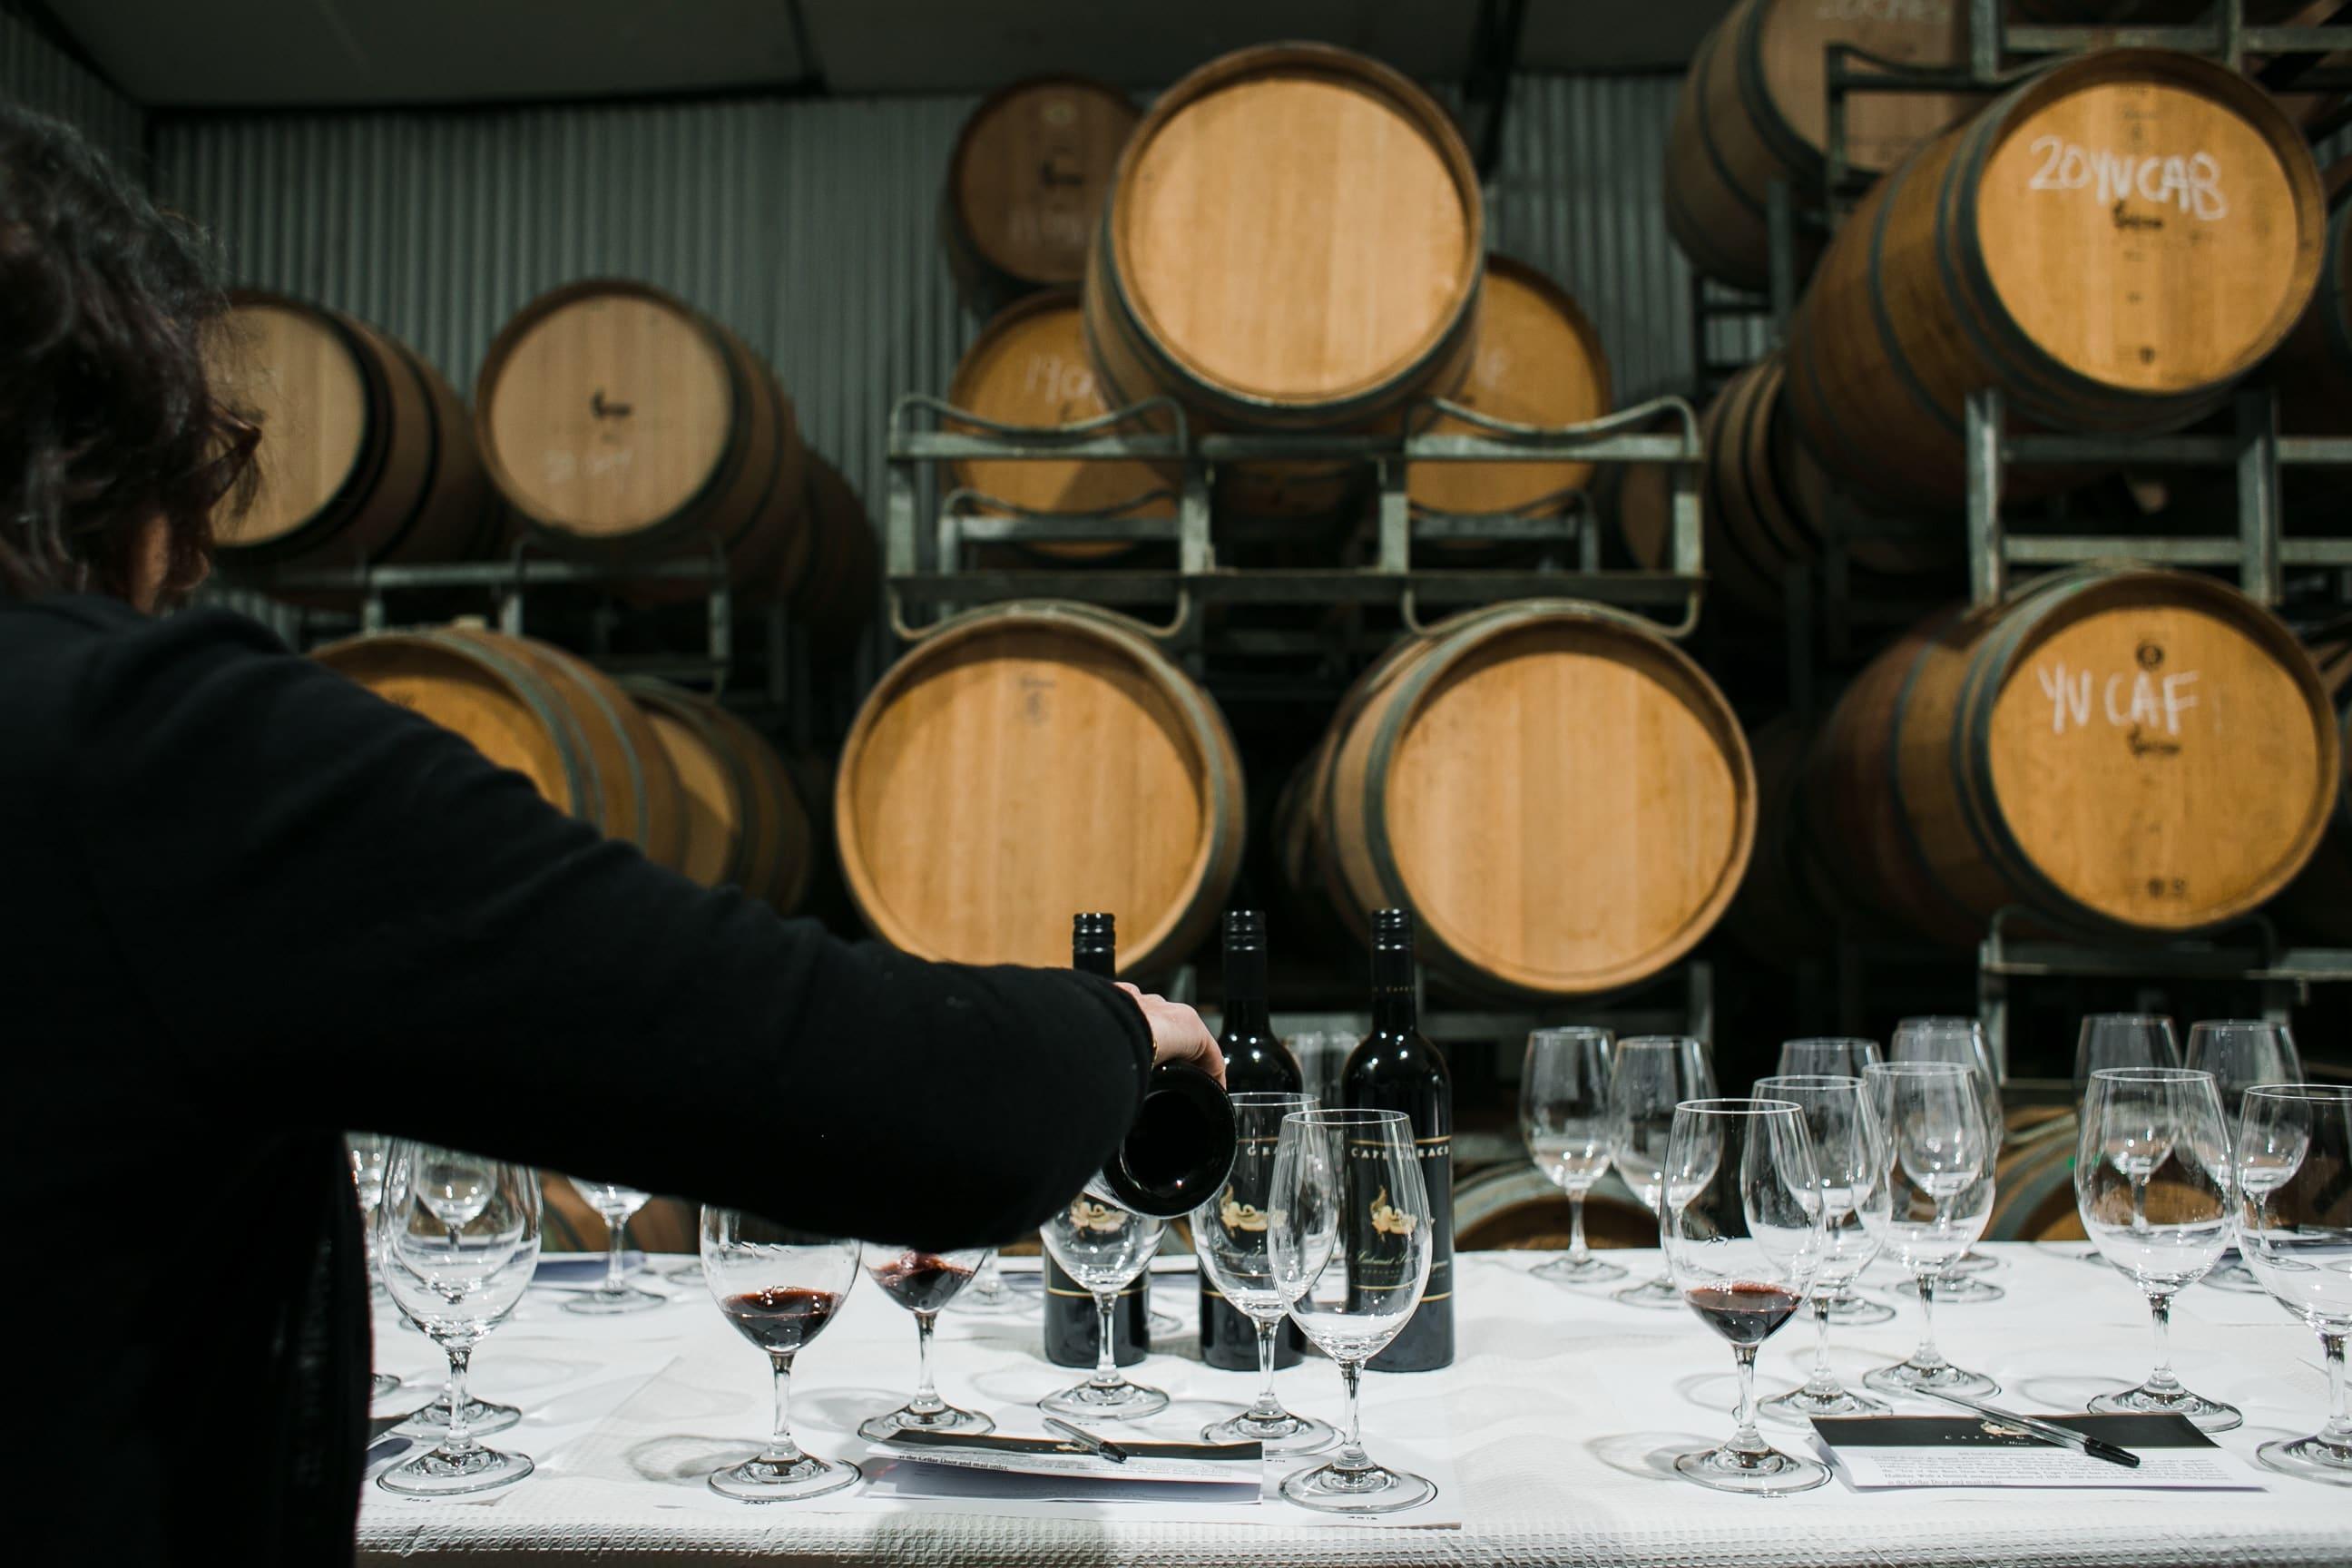 Turismo del vino en la Costa Blanca